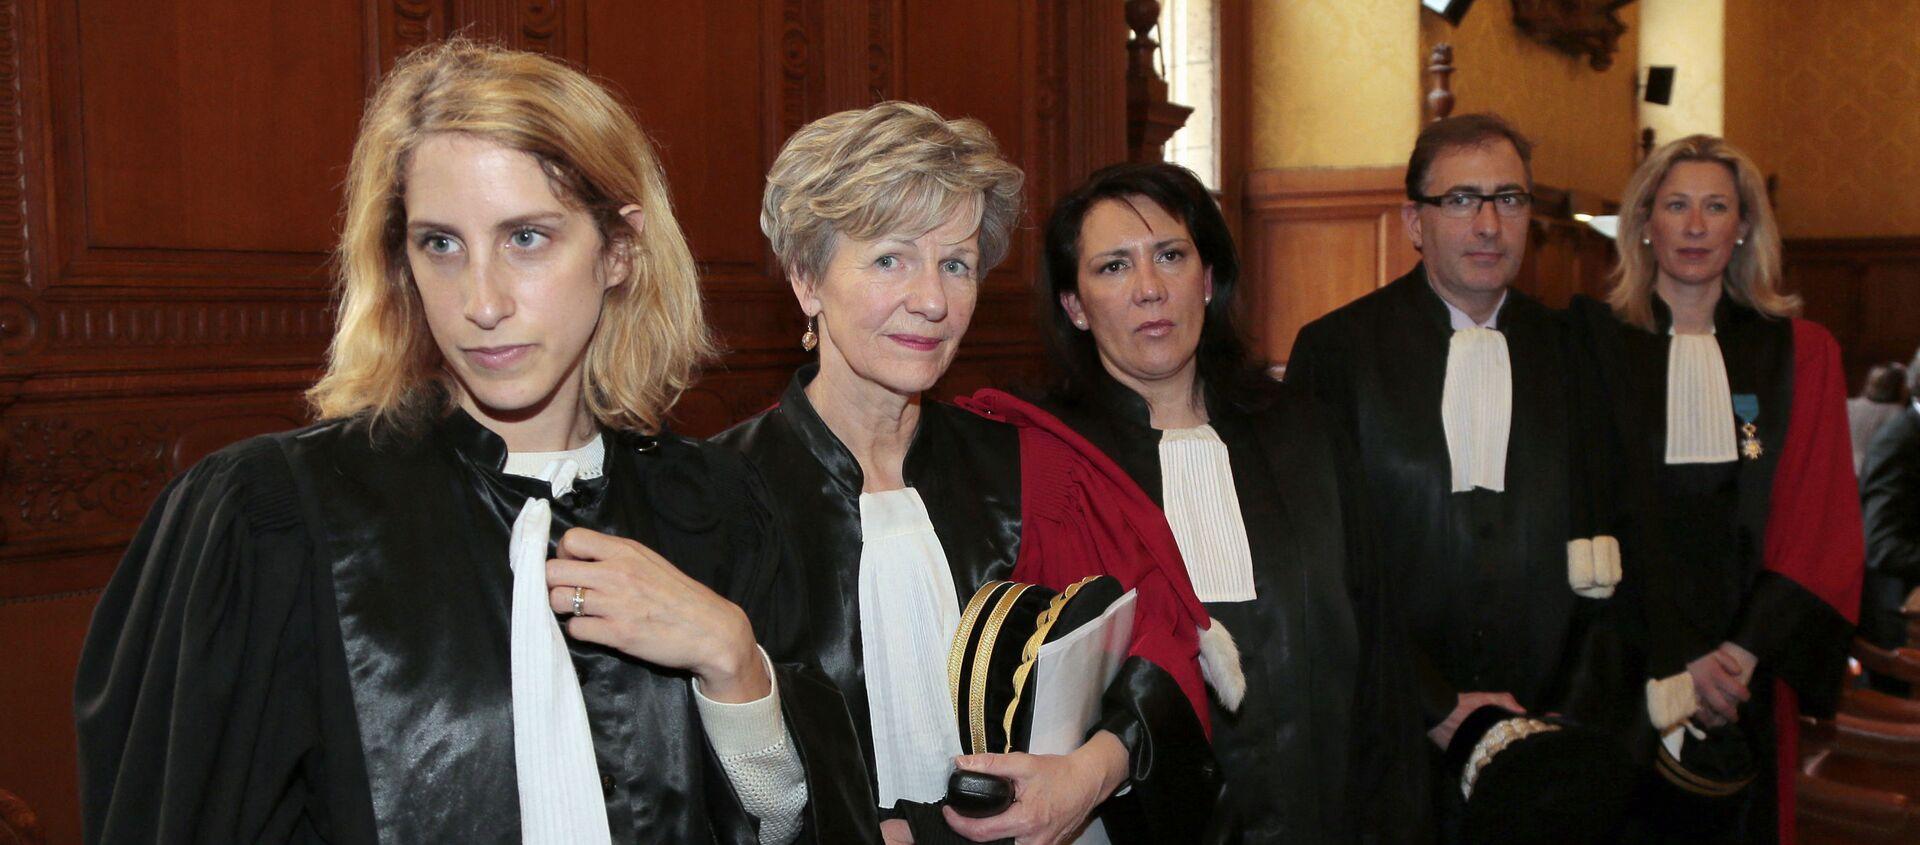 Le Parquet National Financier: de gauche à droite, la magistrate Ariane Amson, la procureur Eliane Houlette, les vice-procureurs Monica d'Onofrio et Patrice Amar, et la procureur Lovisa-Ulrika Delaunay-Weiss, le 3 mars 2014. - Sputnik France, 1920, 10.04.2021